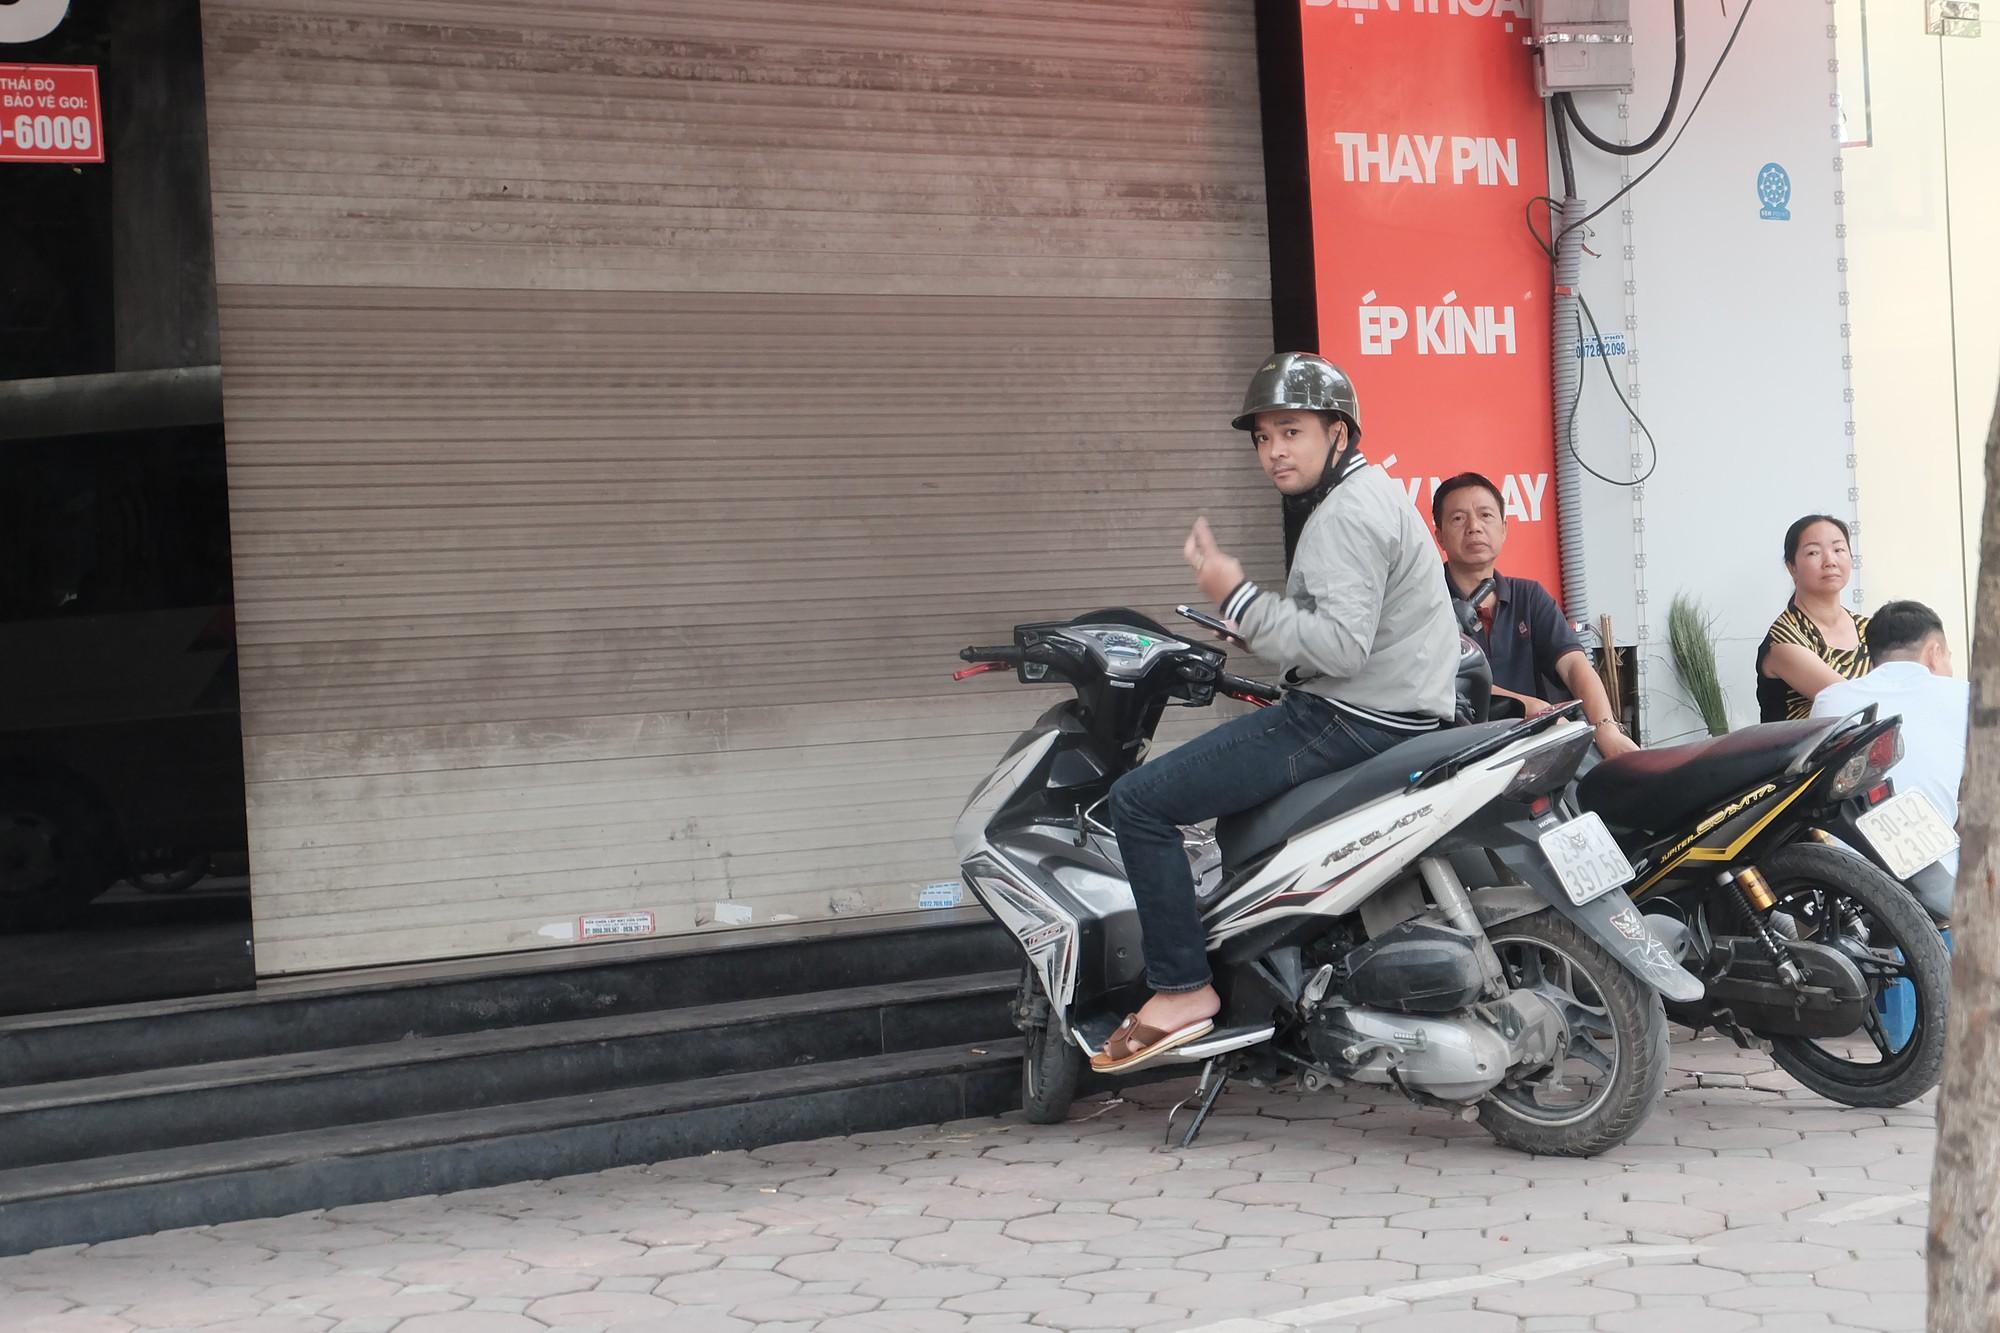 Tin tức Thời sự 10/5: Tin mới nhất về chuỗi cửa hàng Nhật Cường Mobile sau khám xét; du lịch Việt Nam tăng trưởng phi mã nhờ đâu - Ảnh 1.